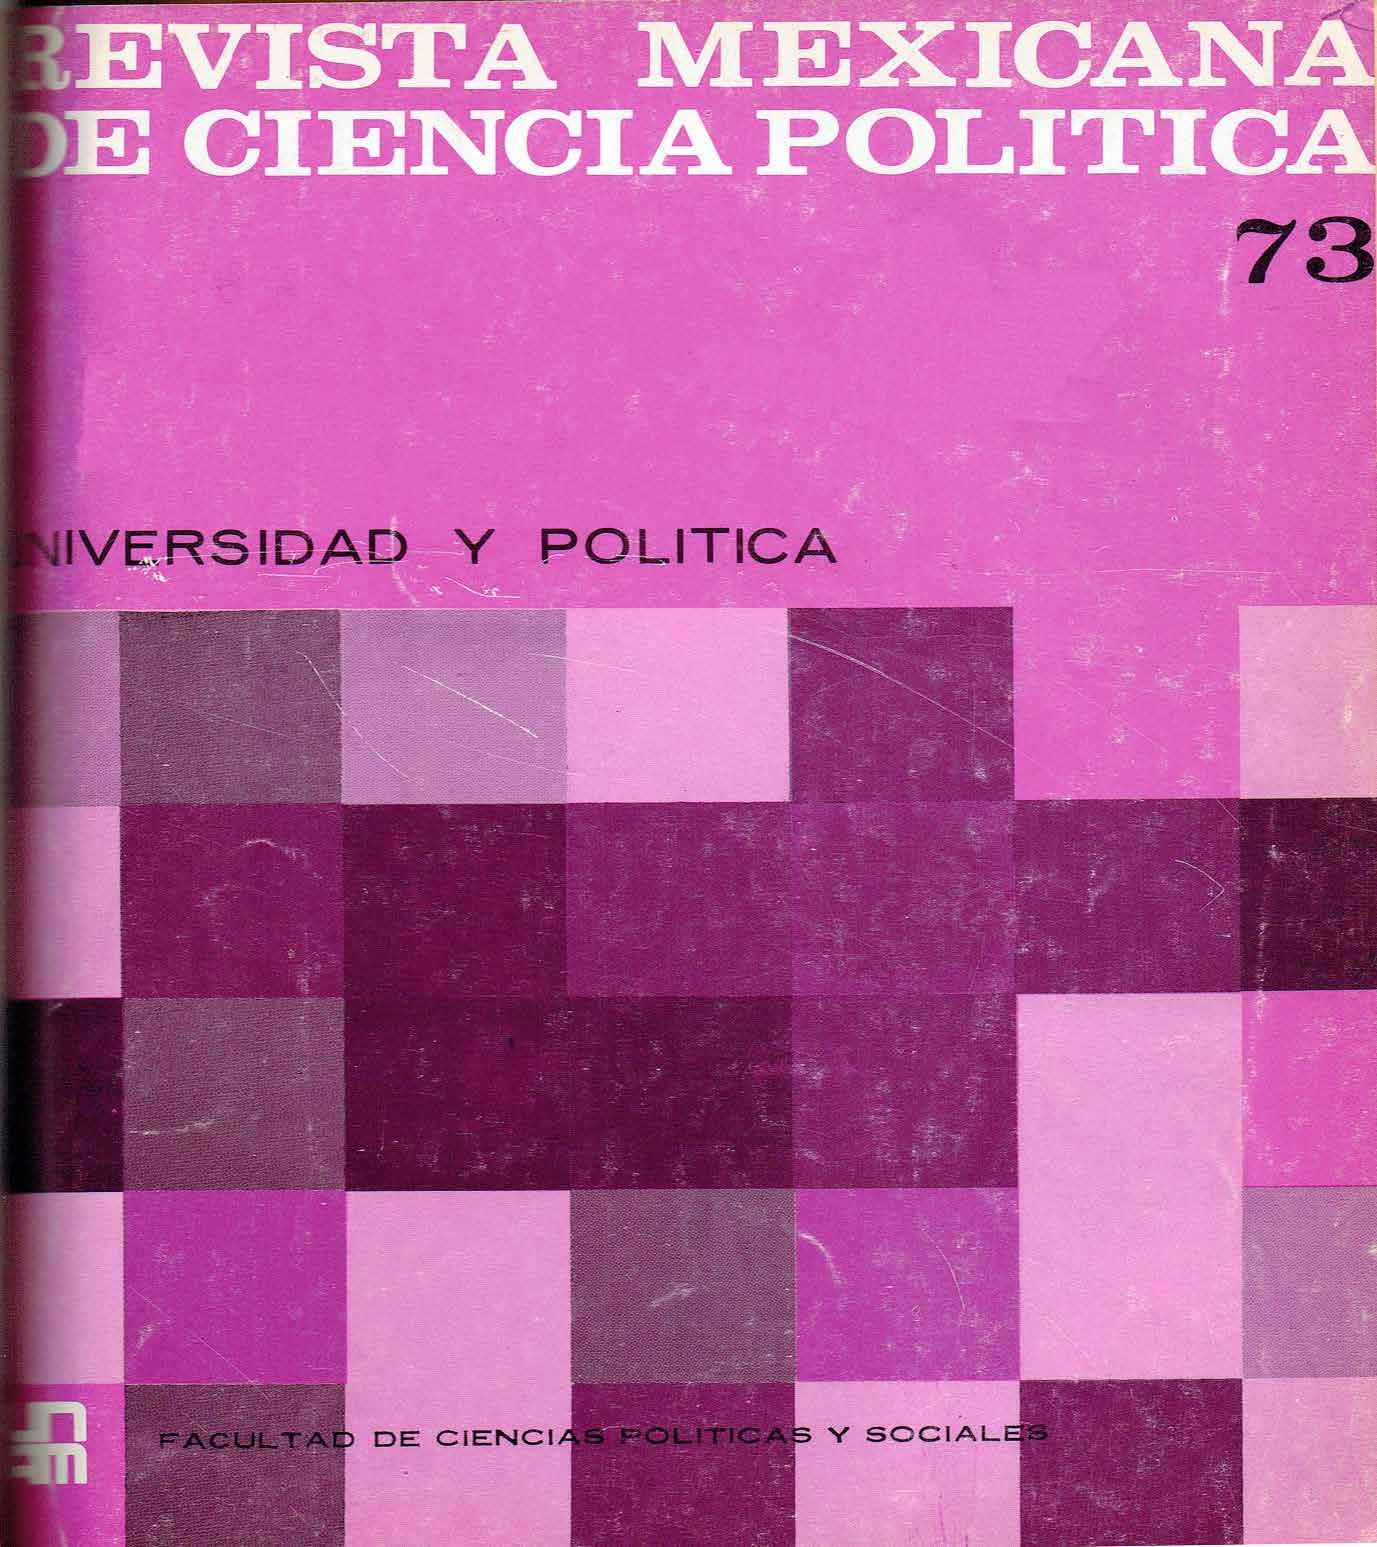 Problemas universitarios y política nacional